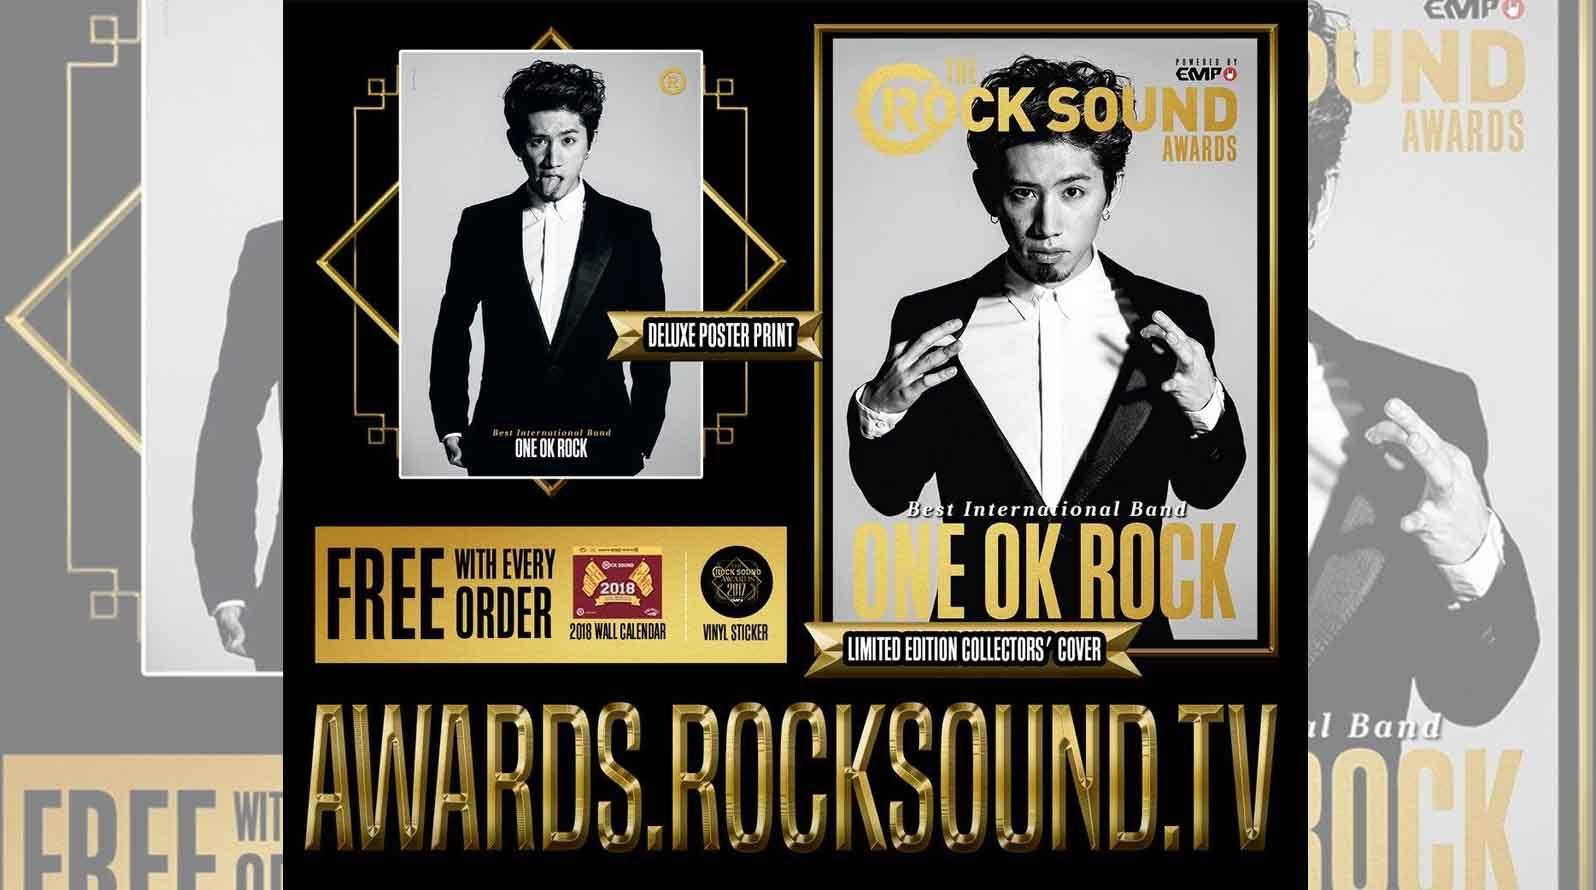 不愧國際掛 ONE OK ROCK榮獲英國ROCK SOUND AWARDS